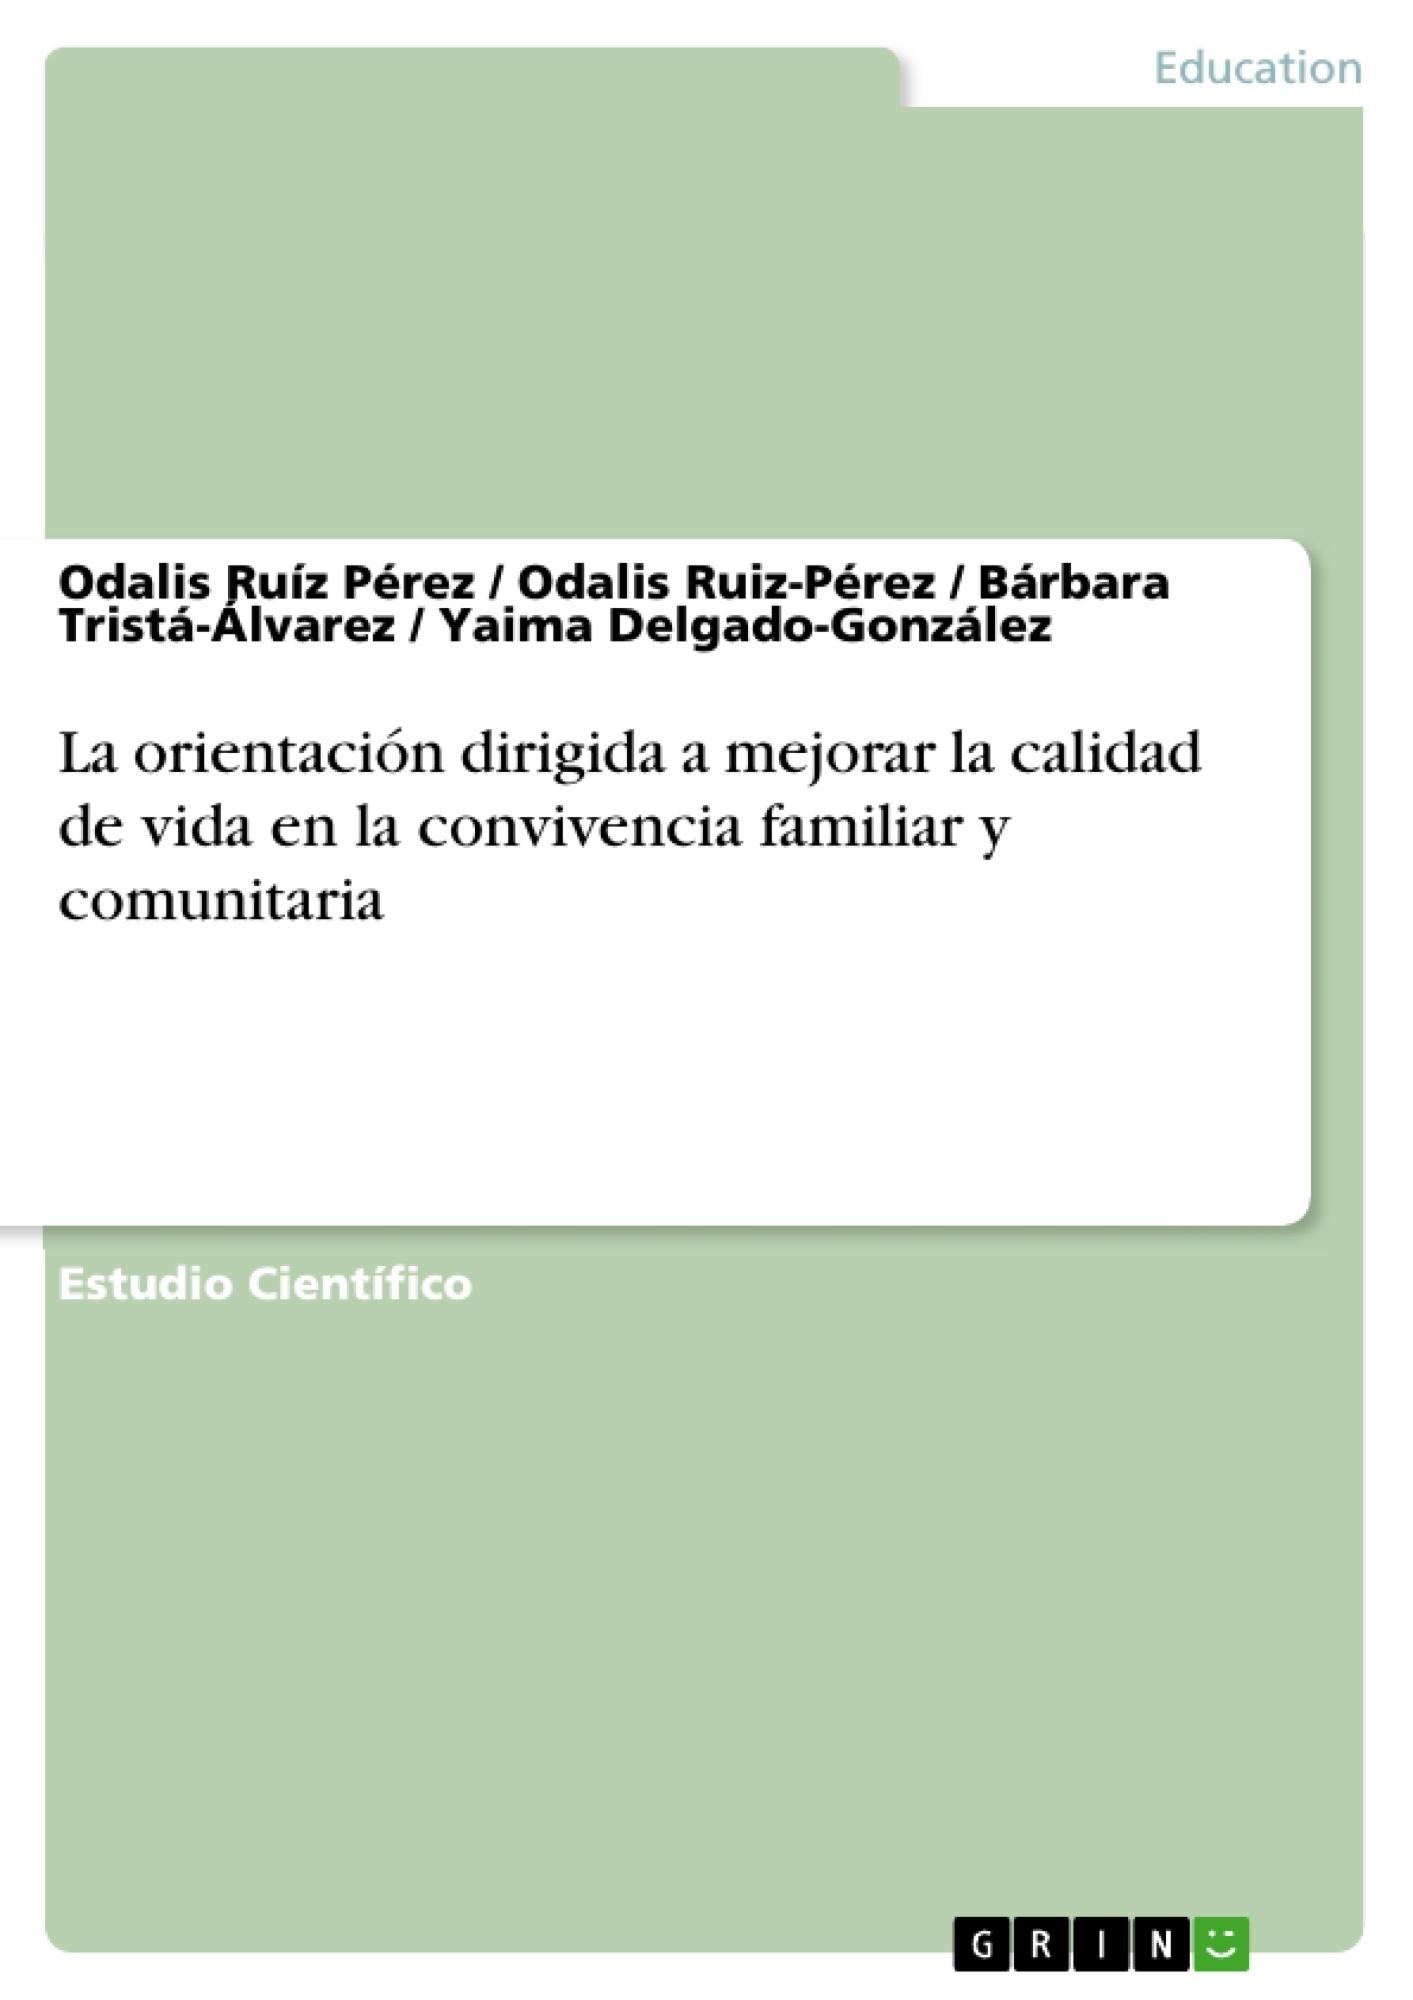 Título: La orientación dirigida a mejorar la calidad de vida en la convivencia familiar y comunitaria